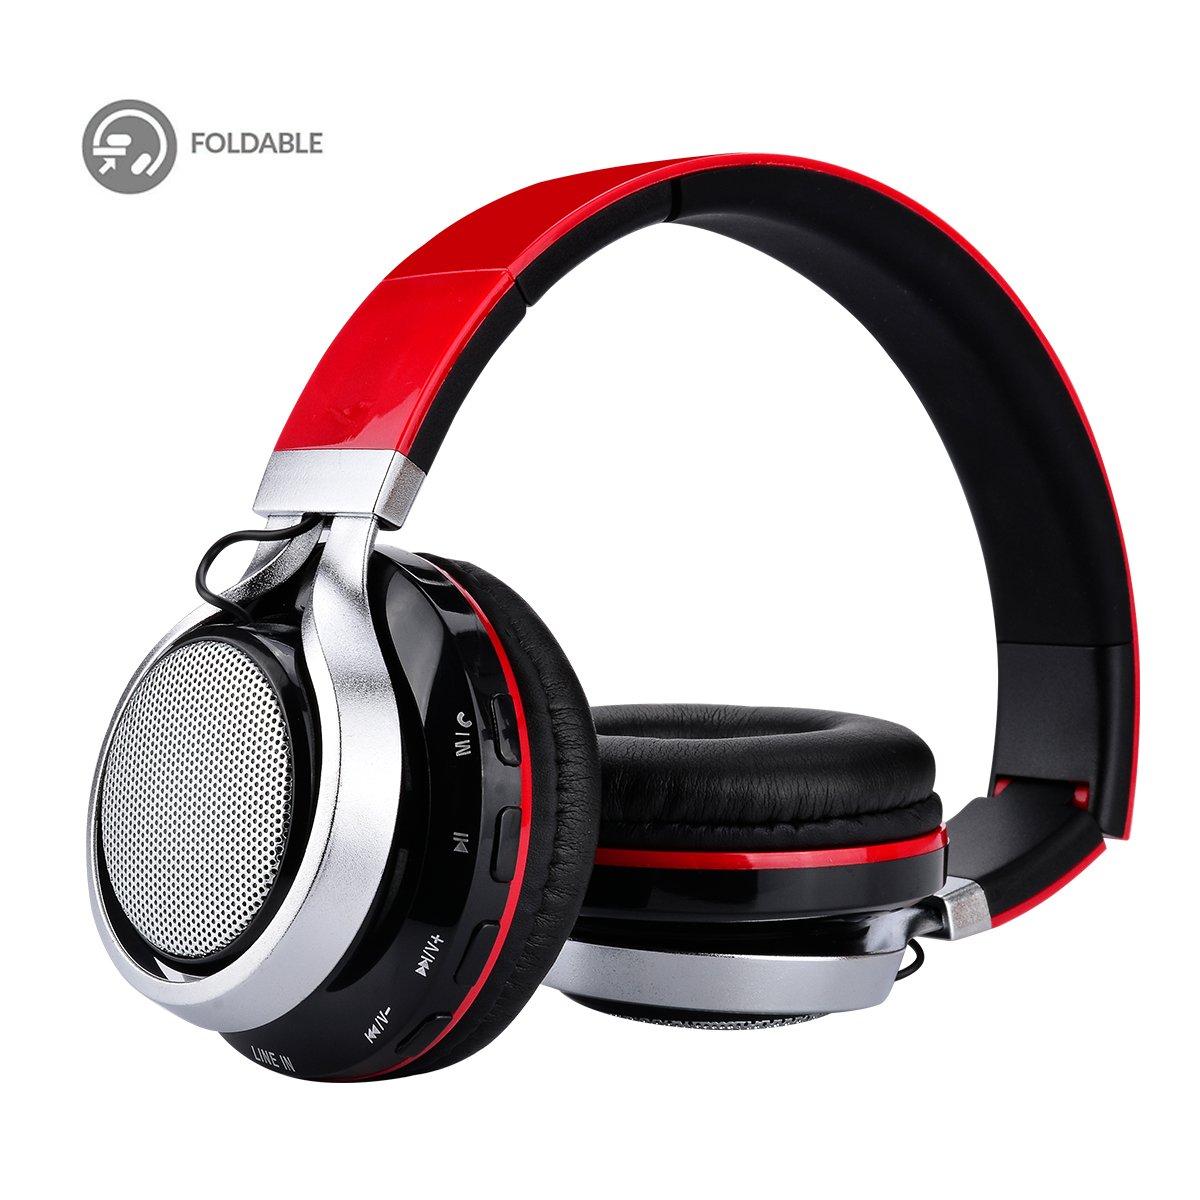 Aita BT816 Auriculares Bluetooth de Diadema Plegable por solo 18,99€